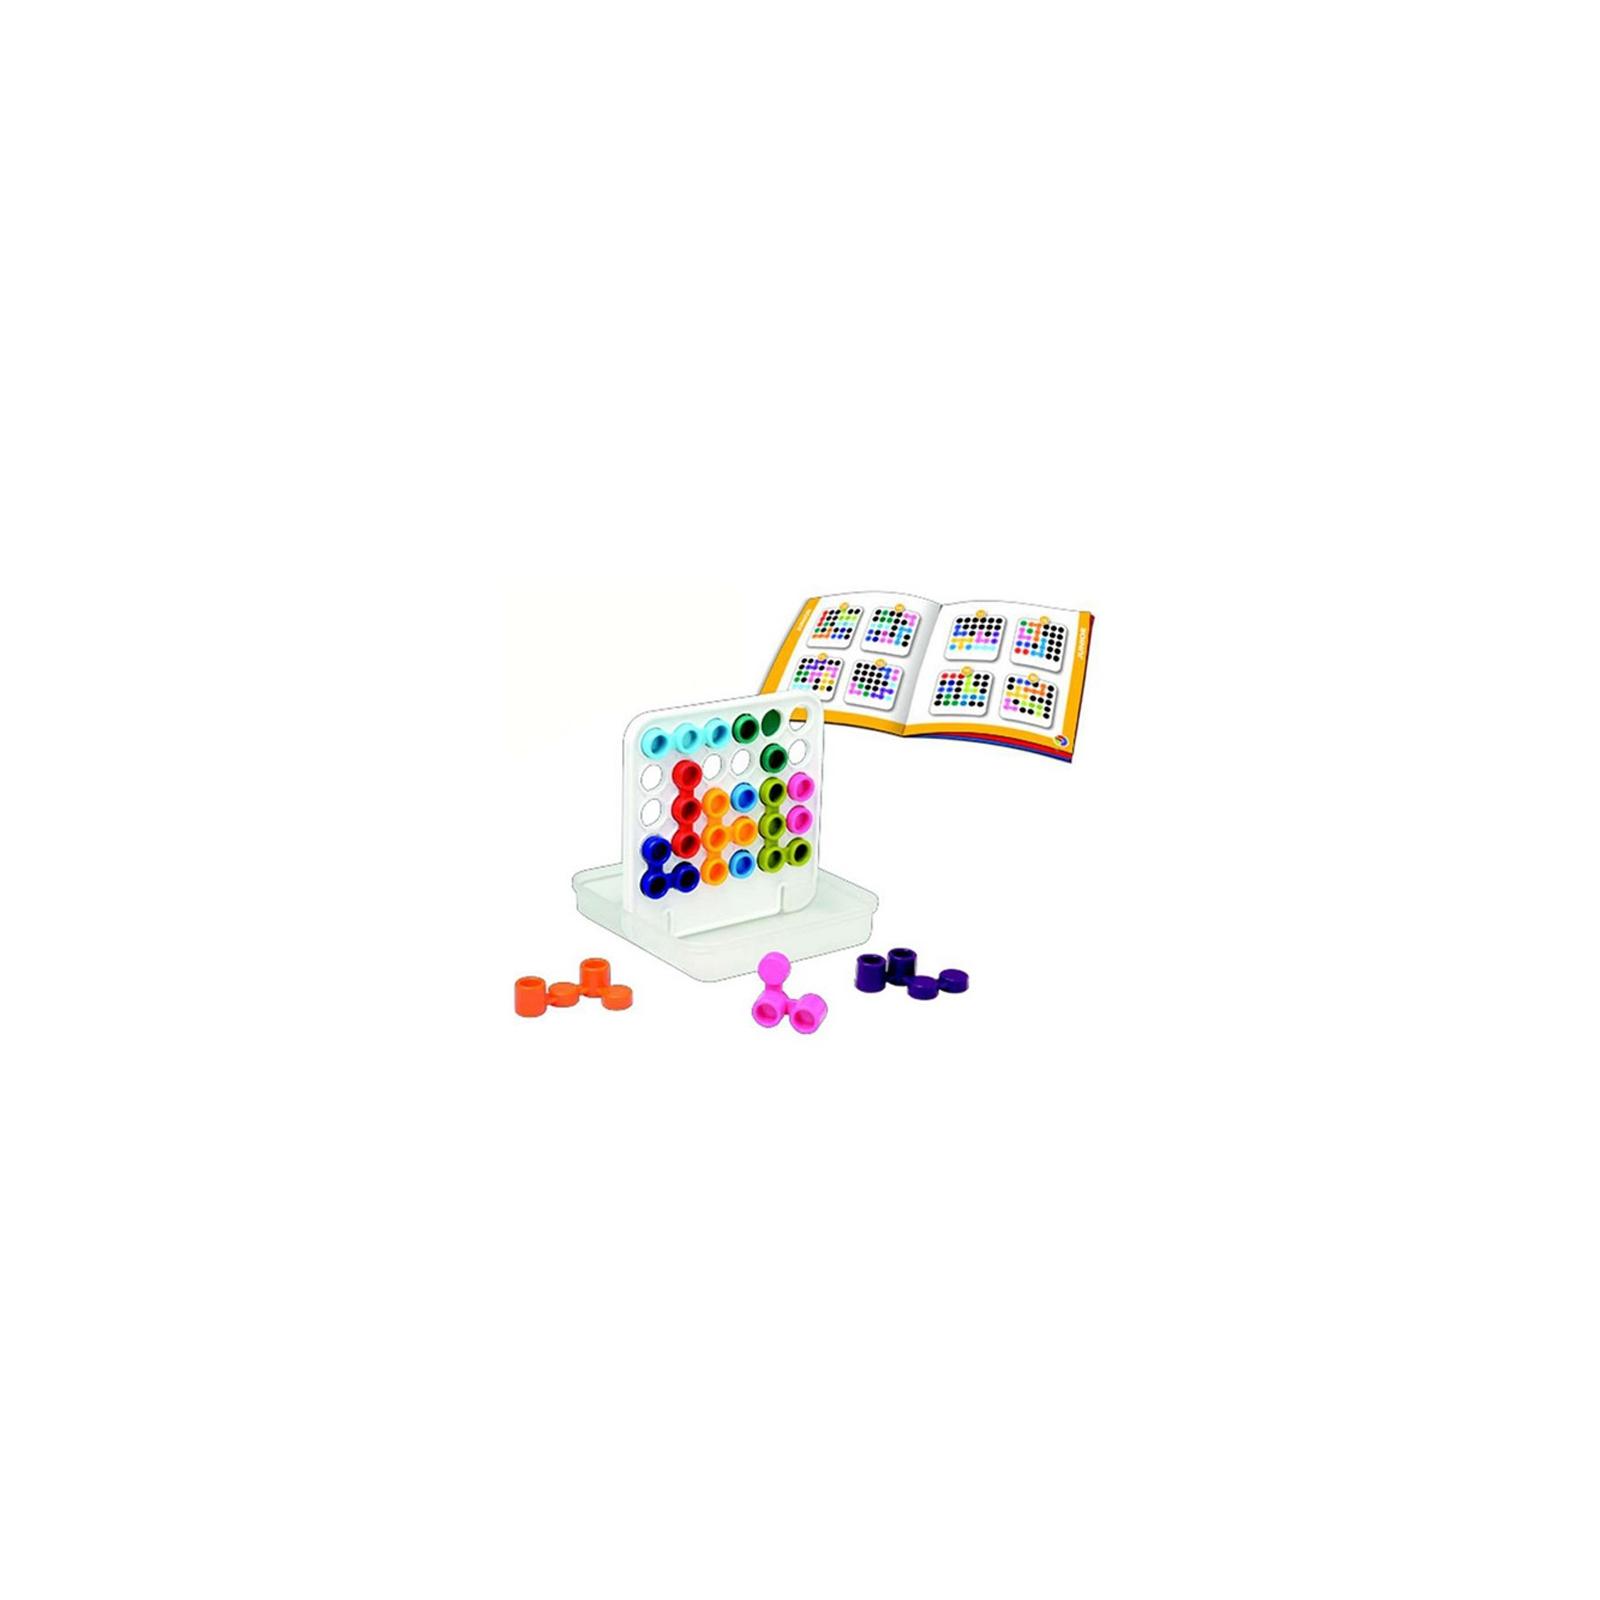 Настольная игра Smart Games Бек ту Бек Одна к другой (SG 460) изображение 3